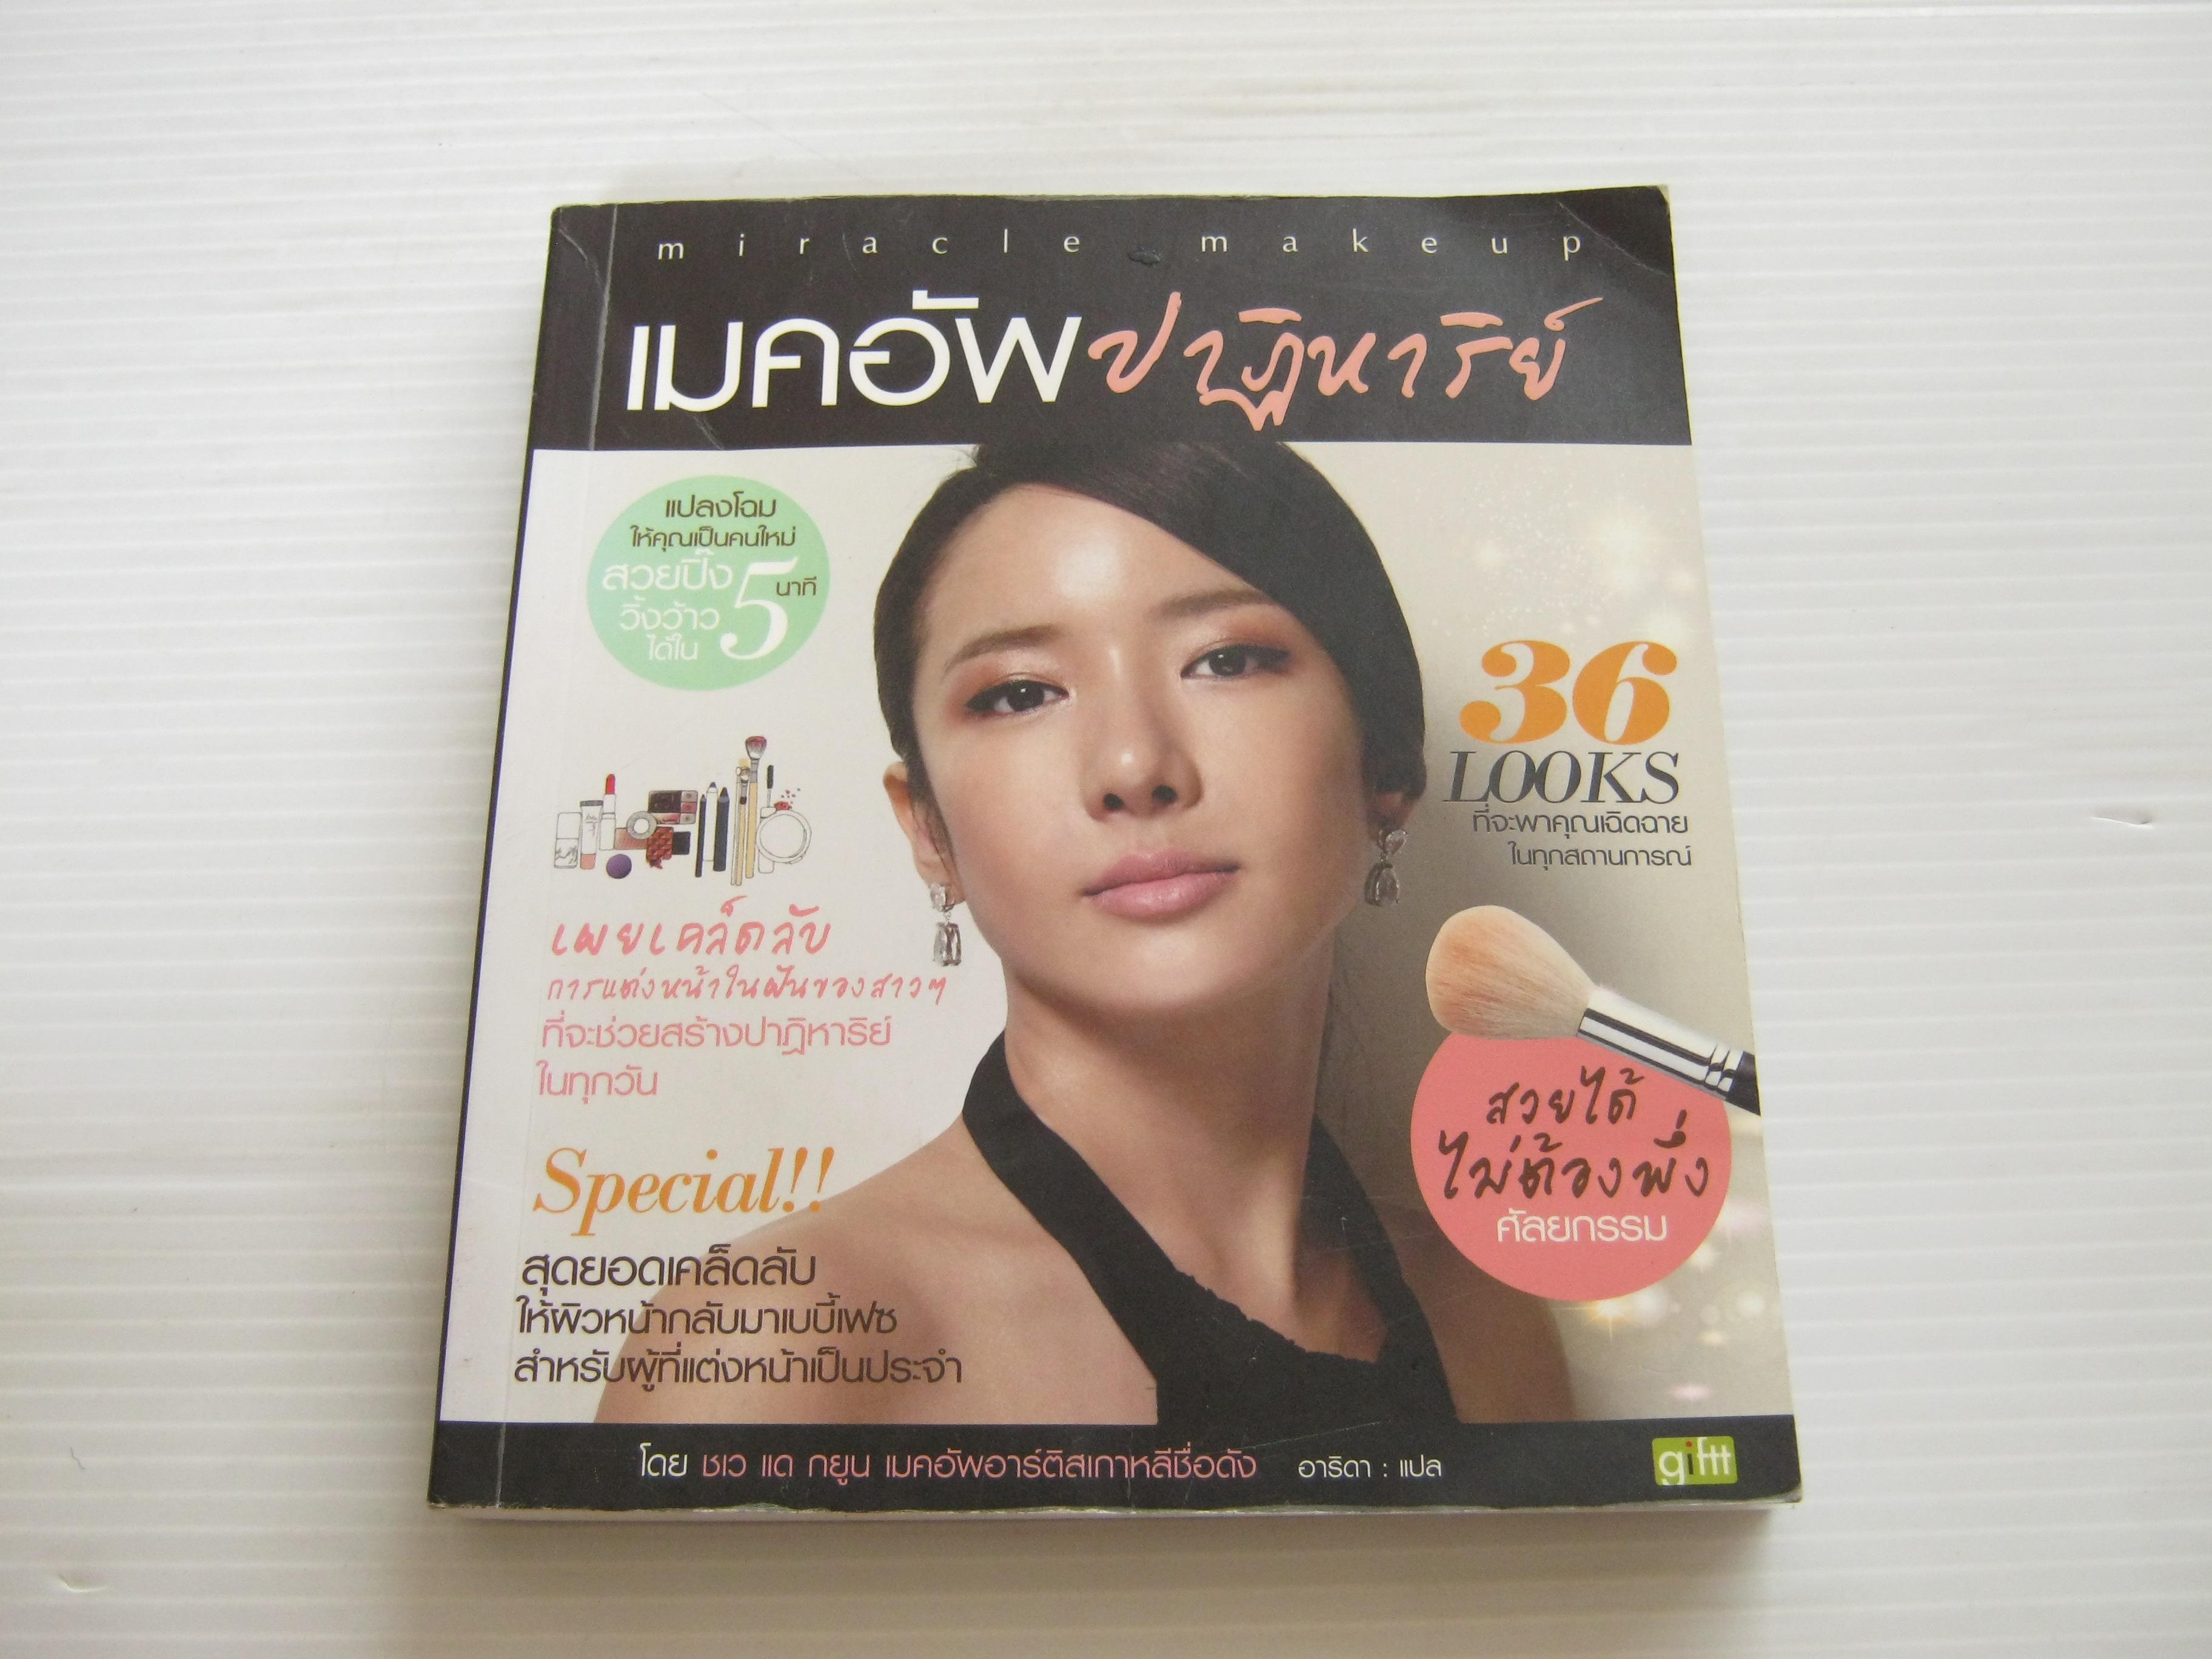 เมคอัพปาฏิหารย์ (Miracle Makeup) ชเว แด กยูน เขียน อาริตา แปล